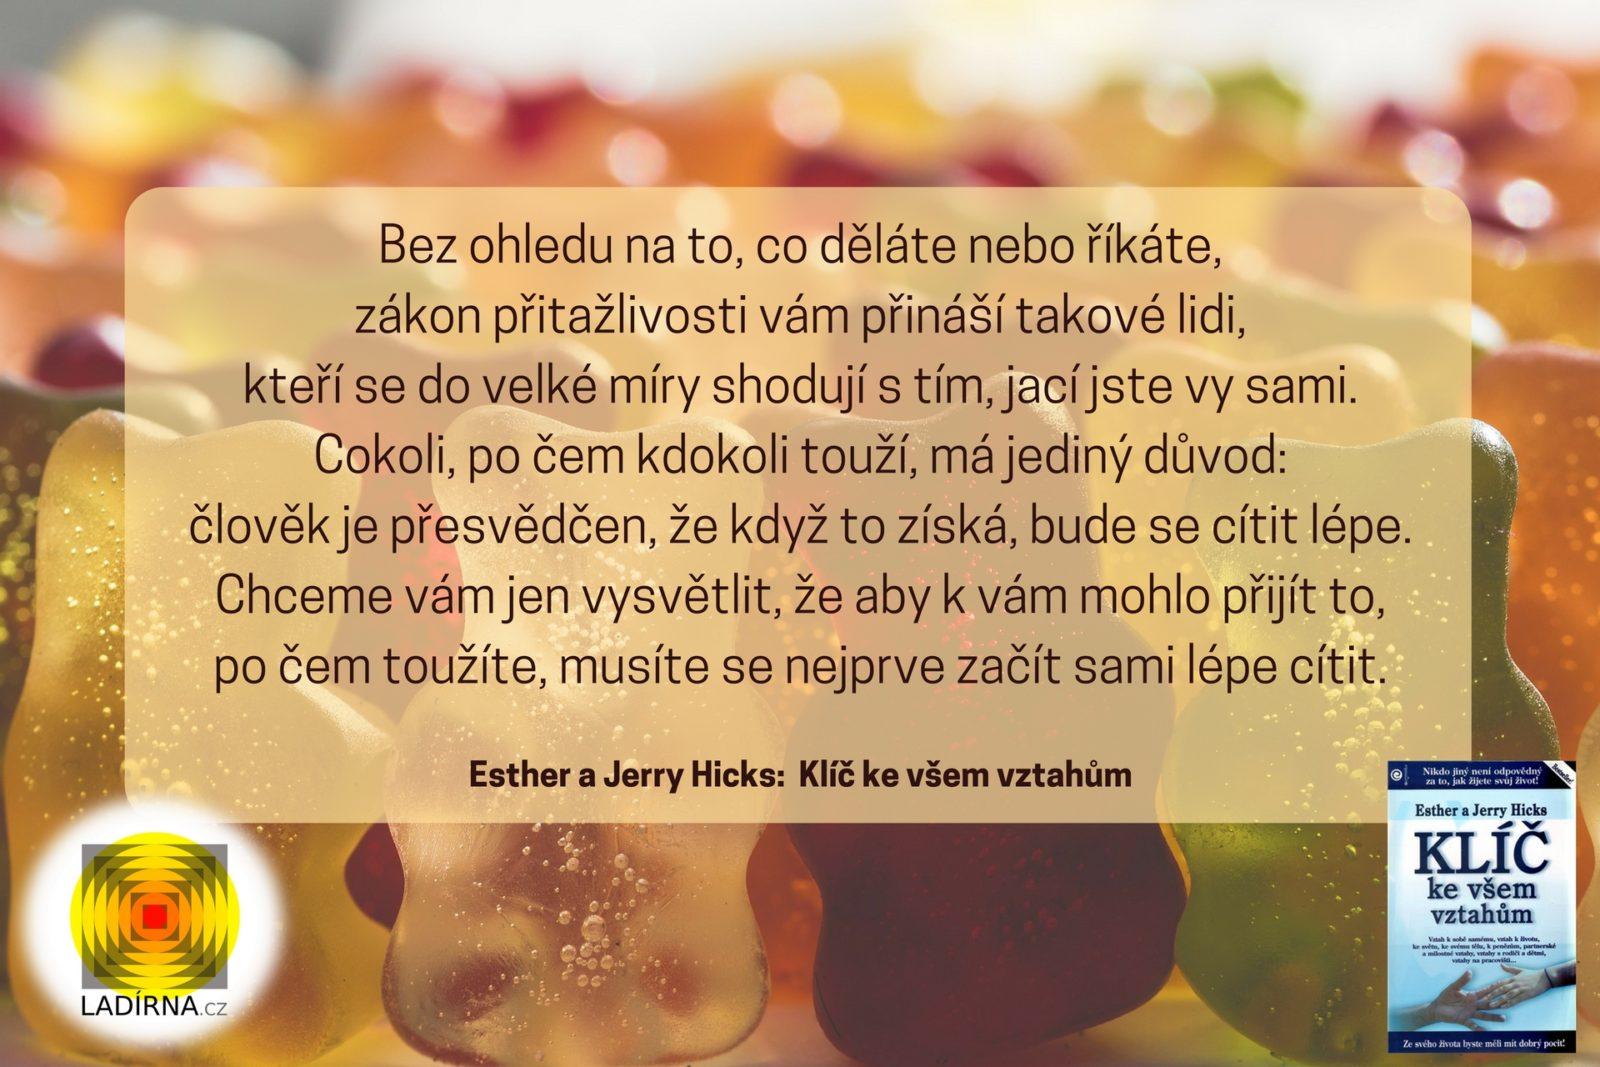 Esther a Jerry Hicks- Klíč ke všem vztahům